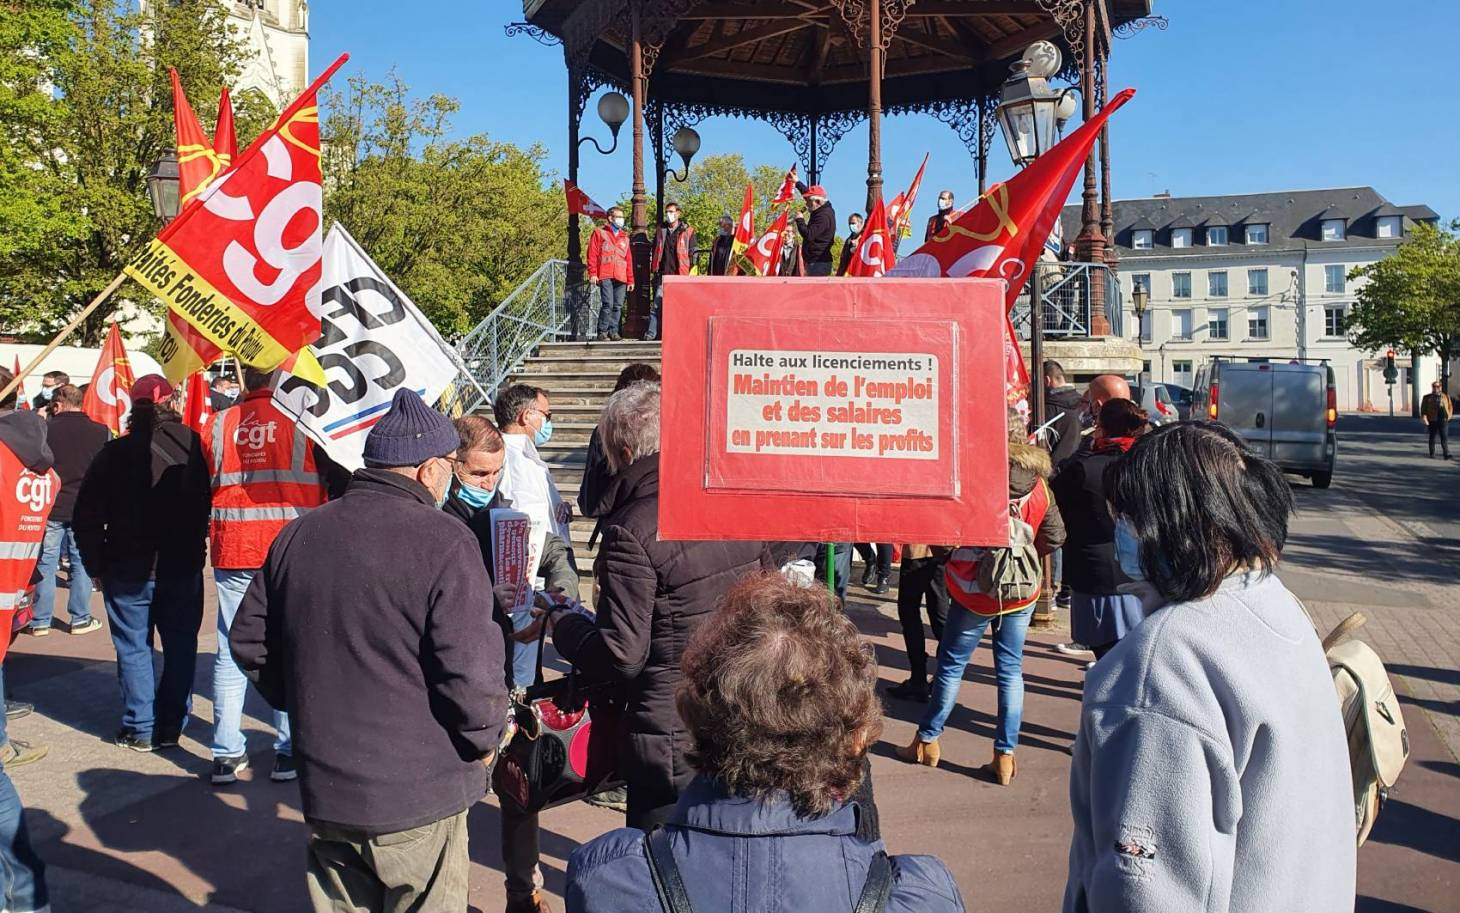 Fonderies : une audience le 20 avril au tribunal de commerce de Paris